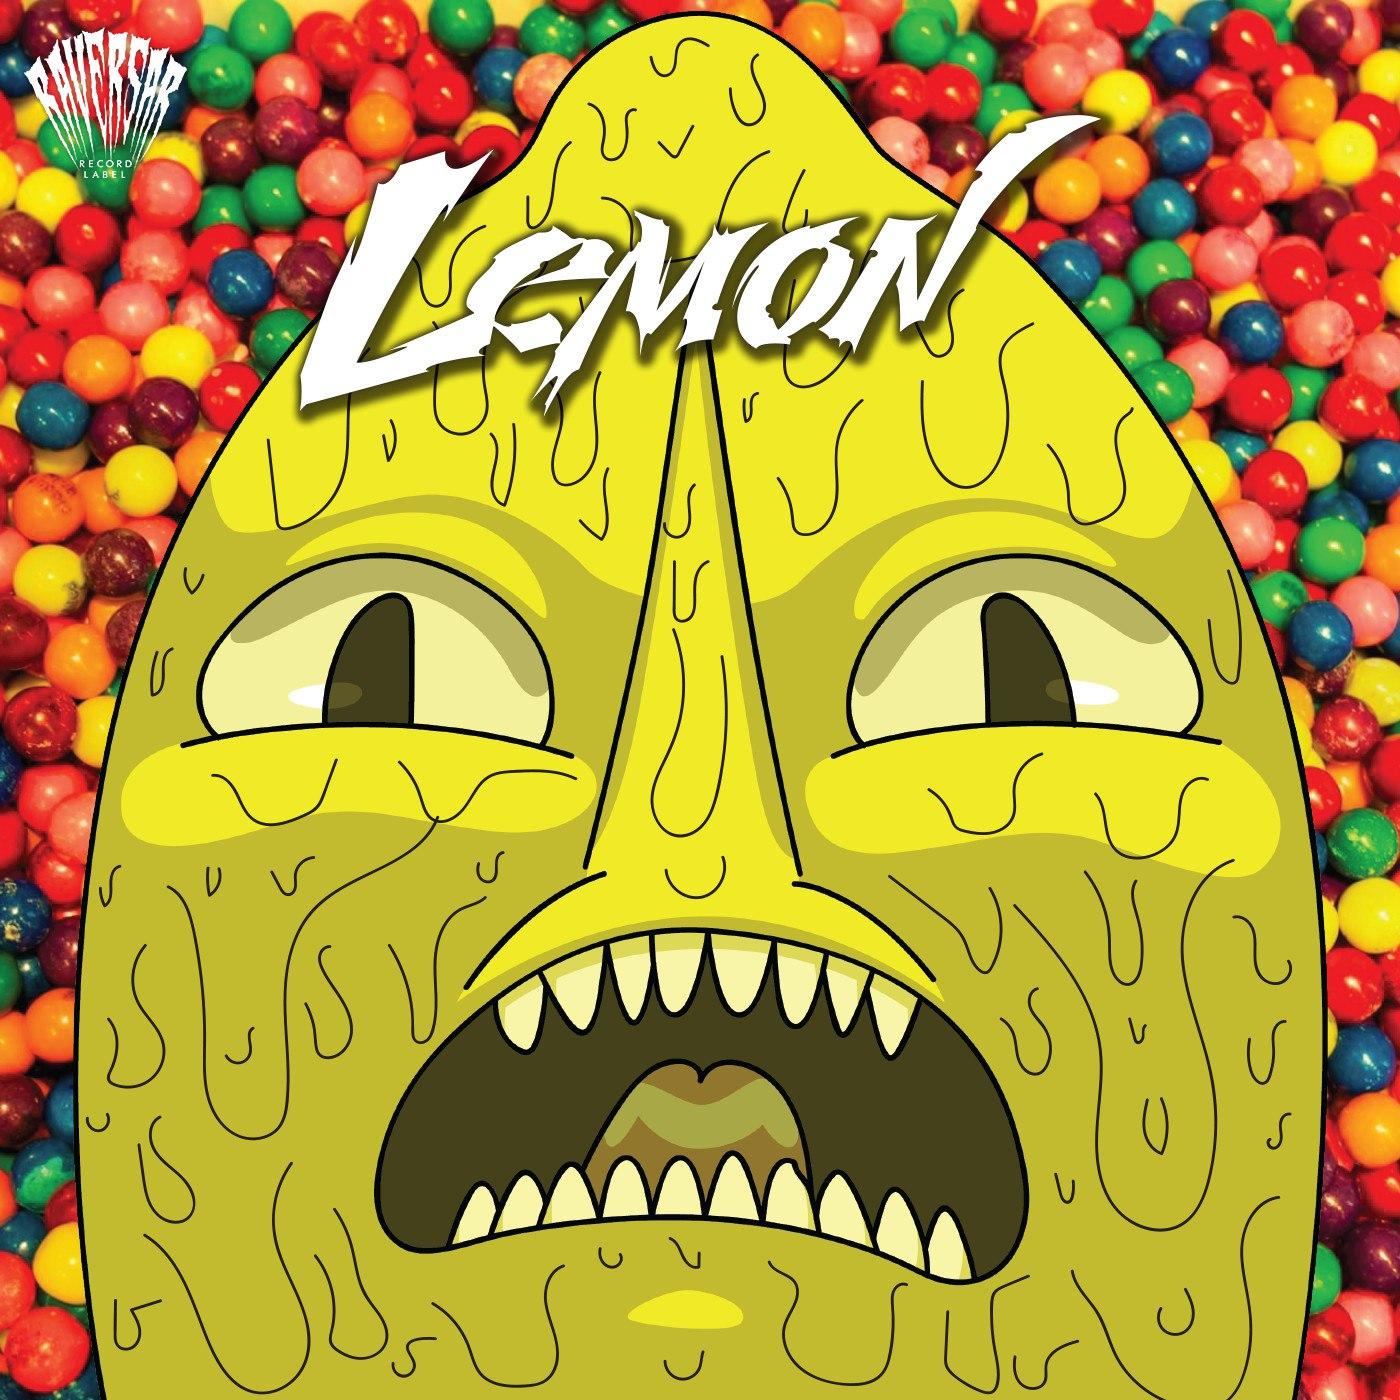 Mustache x Rckt x Bassjvck - Lemon